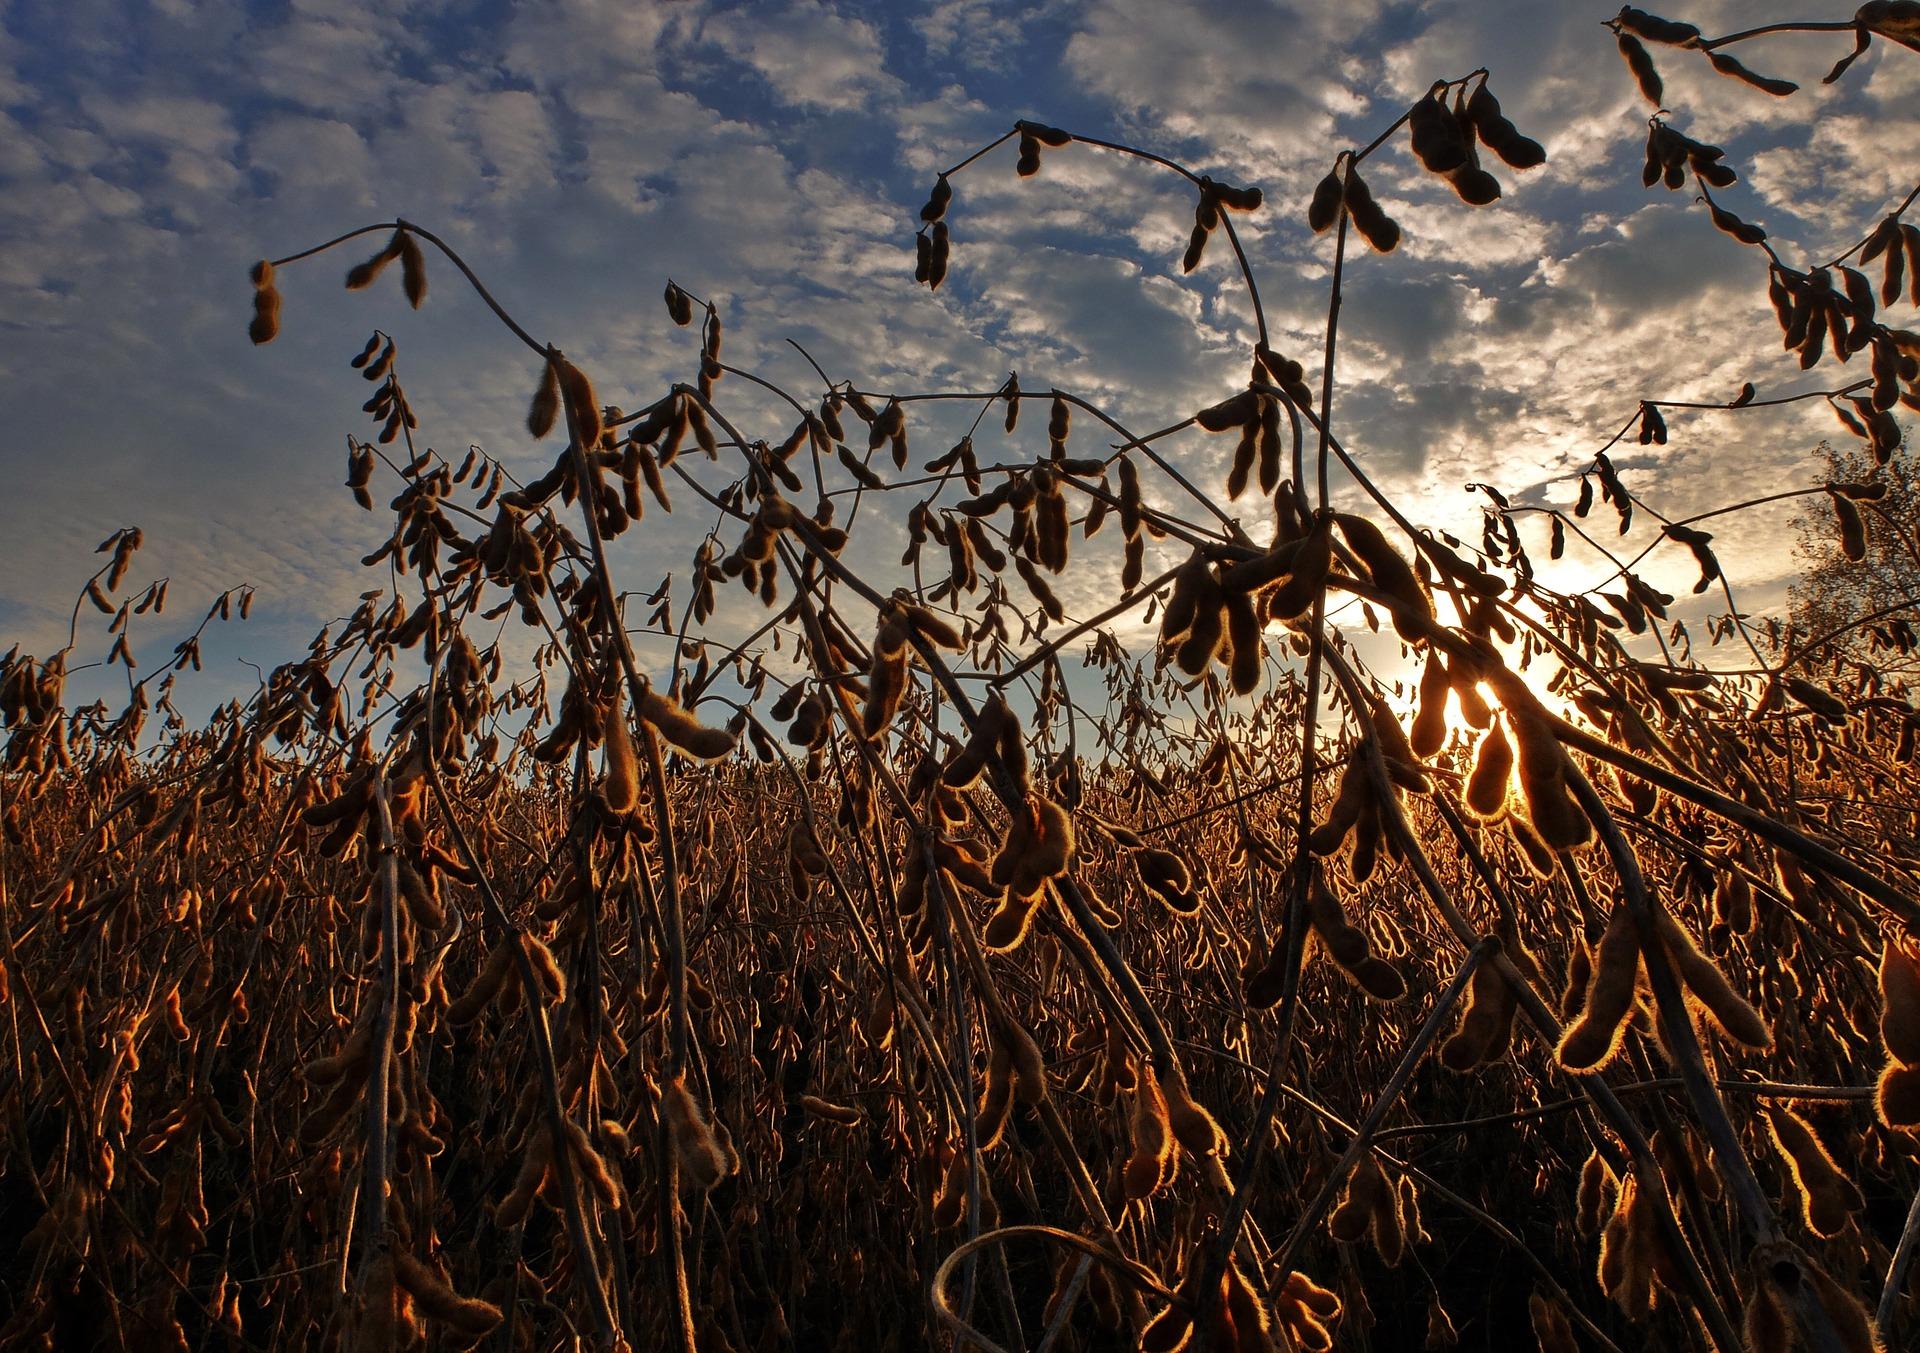 В Україні варто узаконити вирощування ГМО сої — експерт